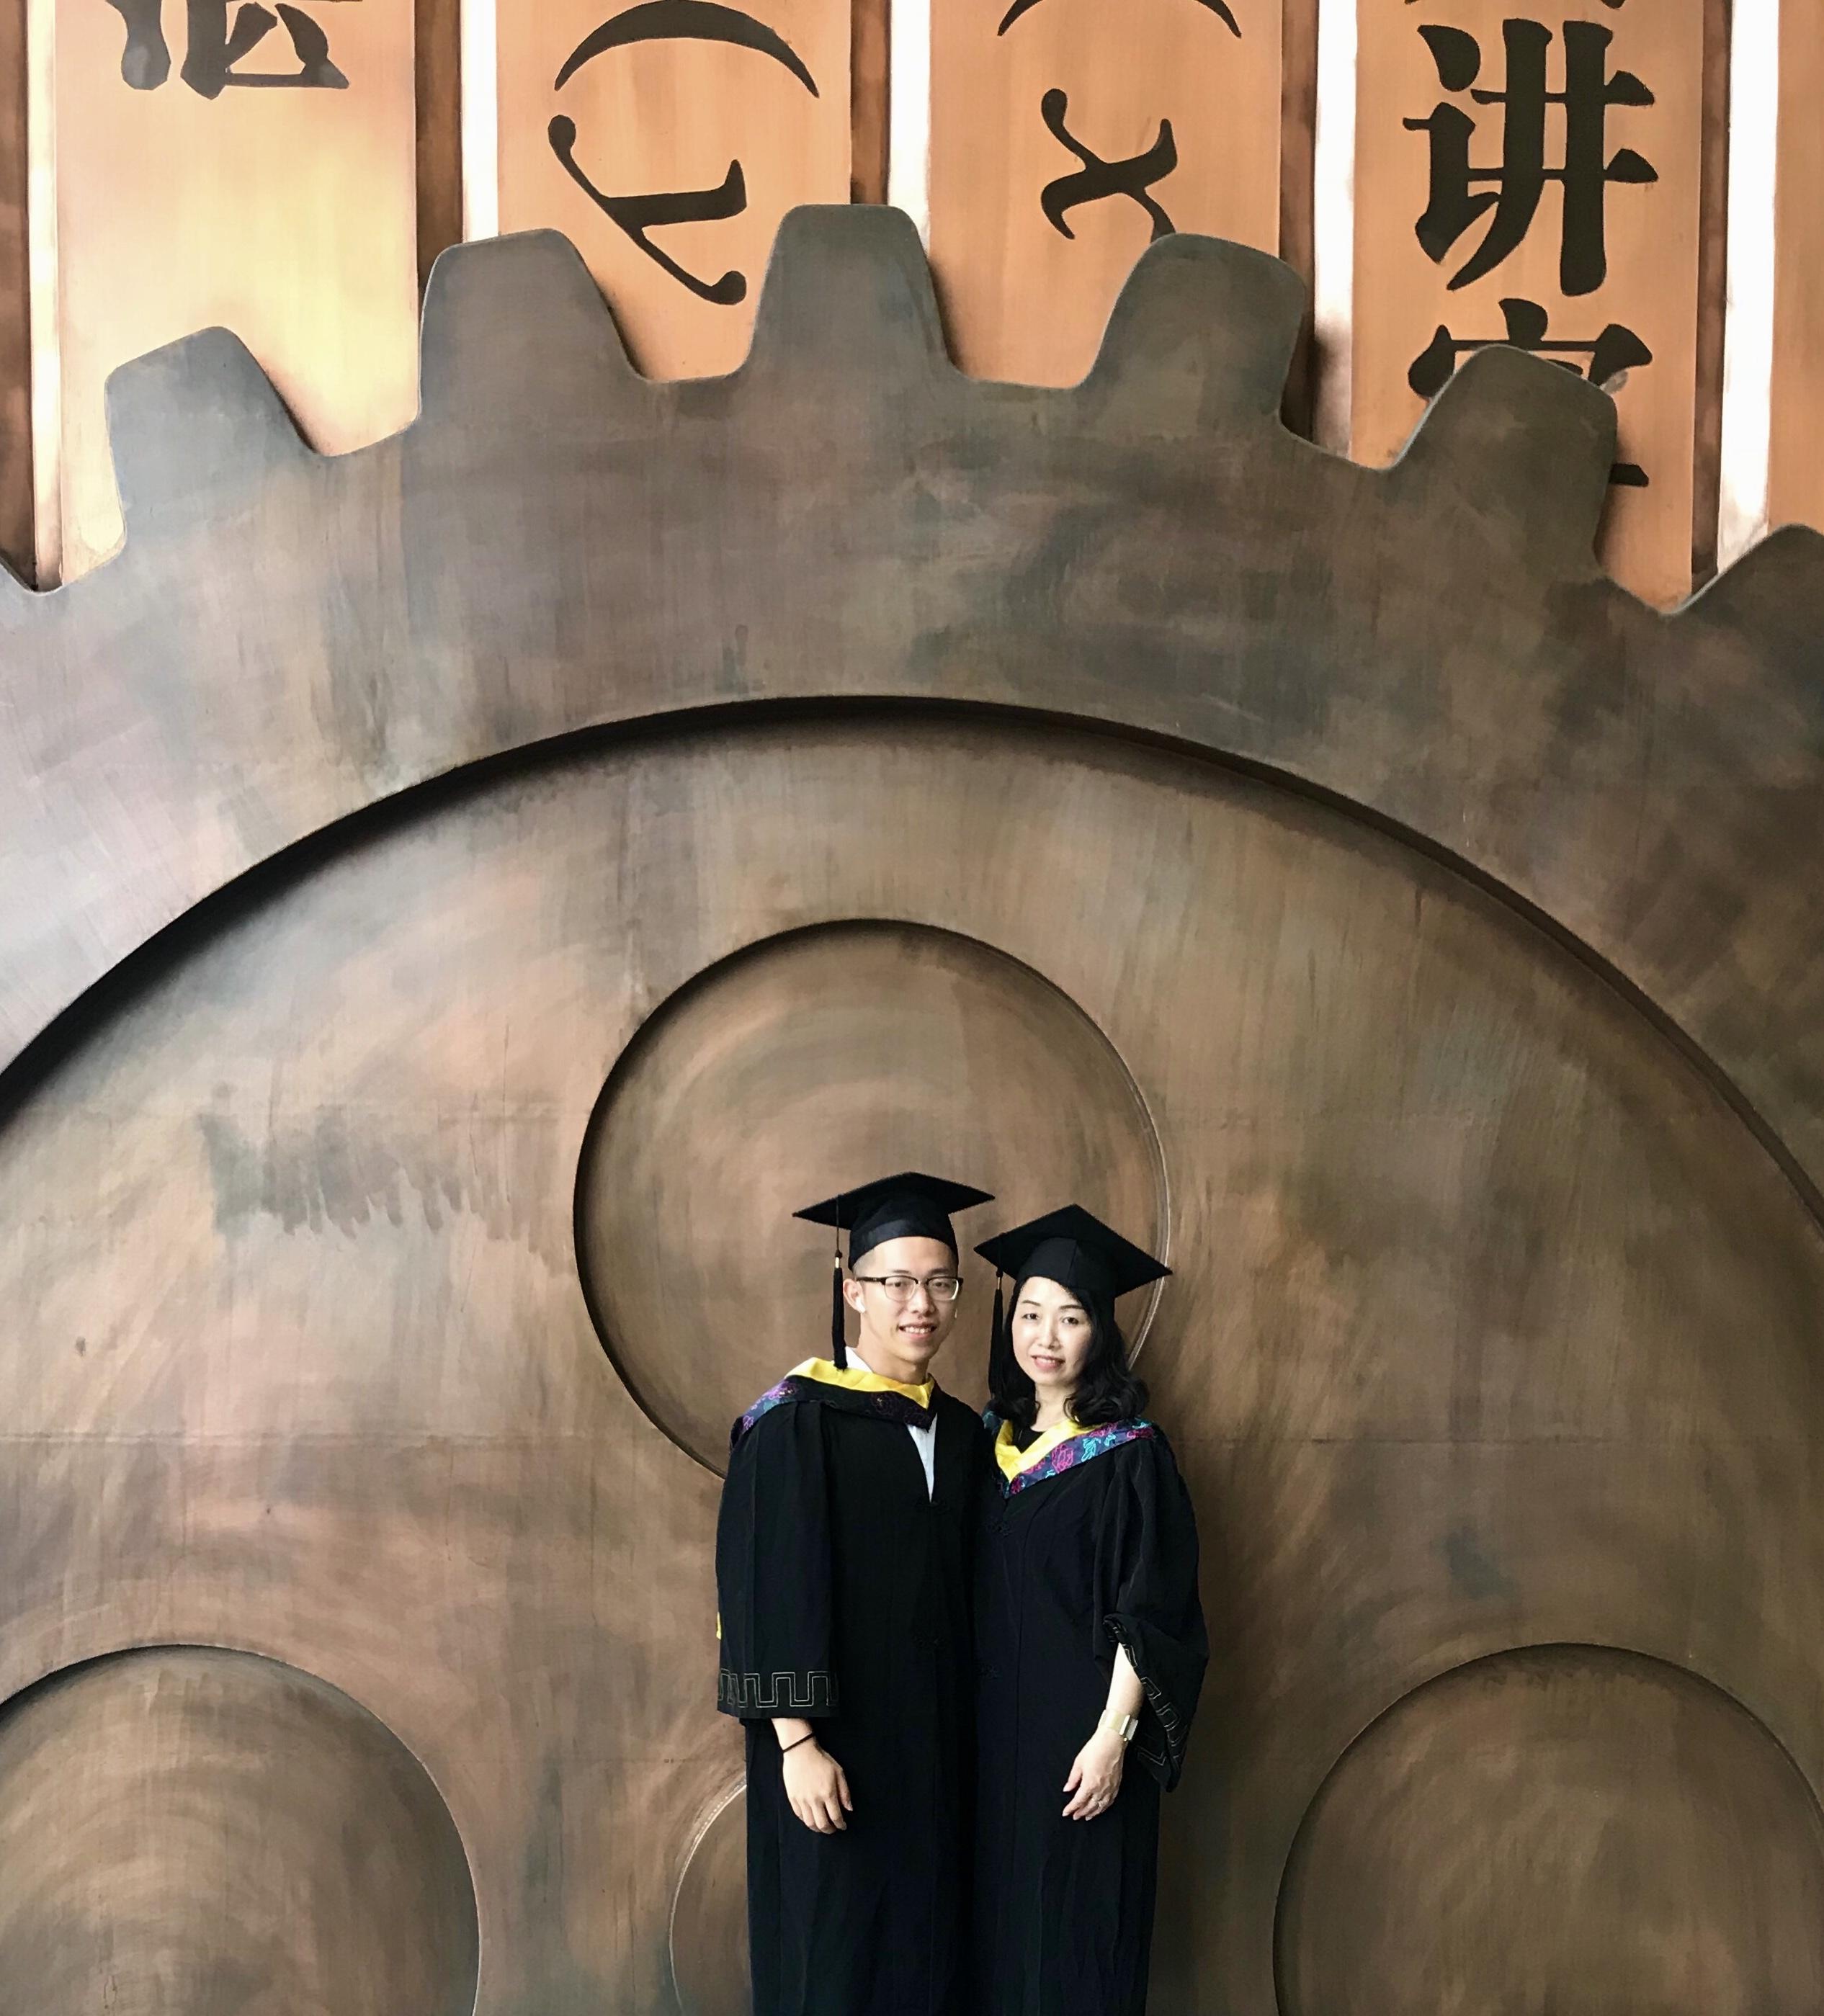 和妈妈一起拍毕业照.jpg